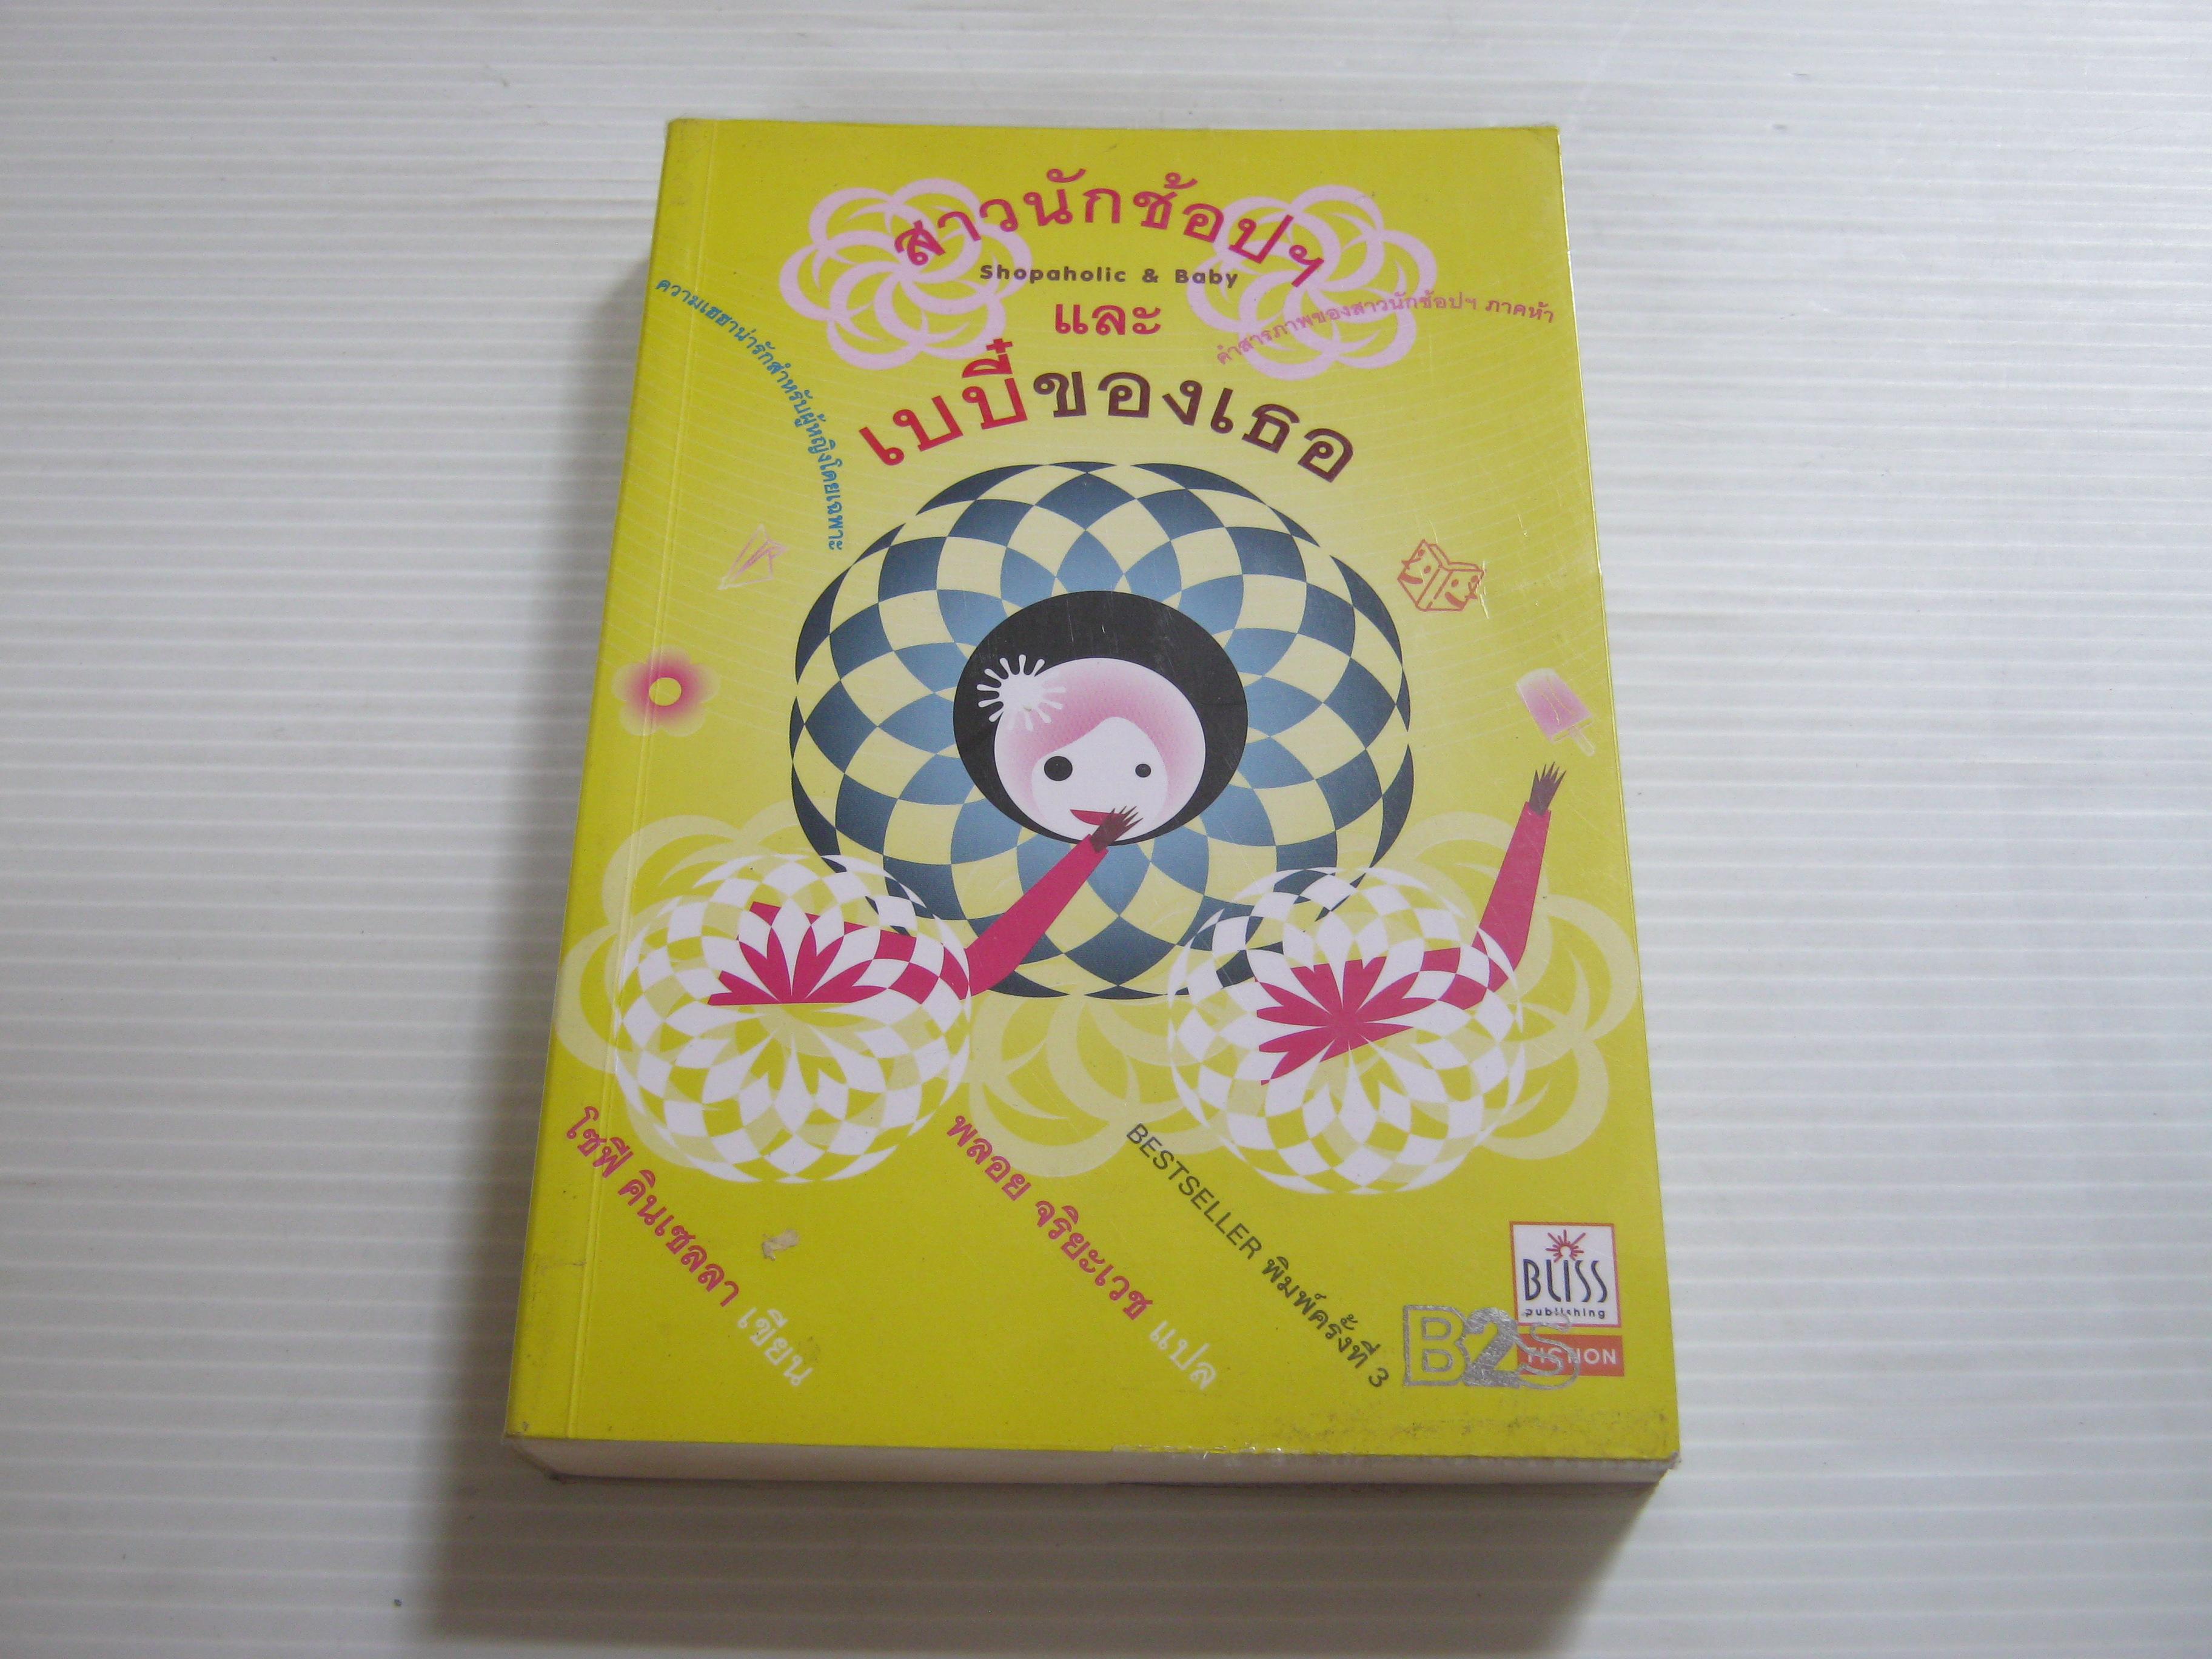 คำสารภาพของสาวนักช้อปฯ ภาคห้า ตอน สาวนักช้อปฯ และเบบี๋ของเธอ (Shopaholic & Baby) พิมพ์ครั้งที่ 3 โซฟี คินเซลลา เขียน พลอย จริยะเวช แปล